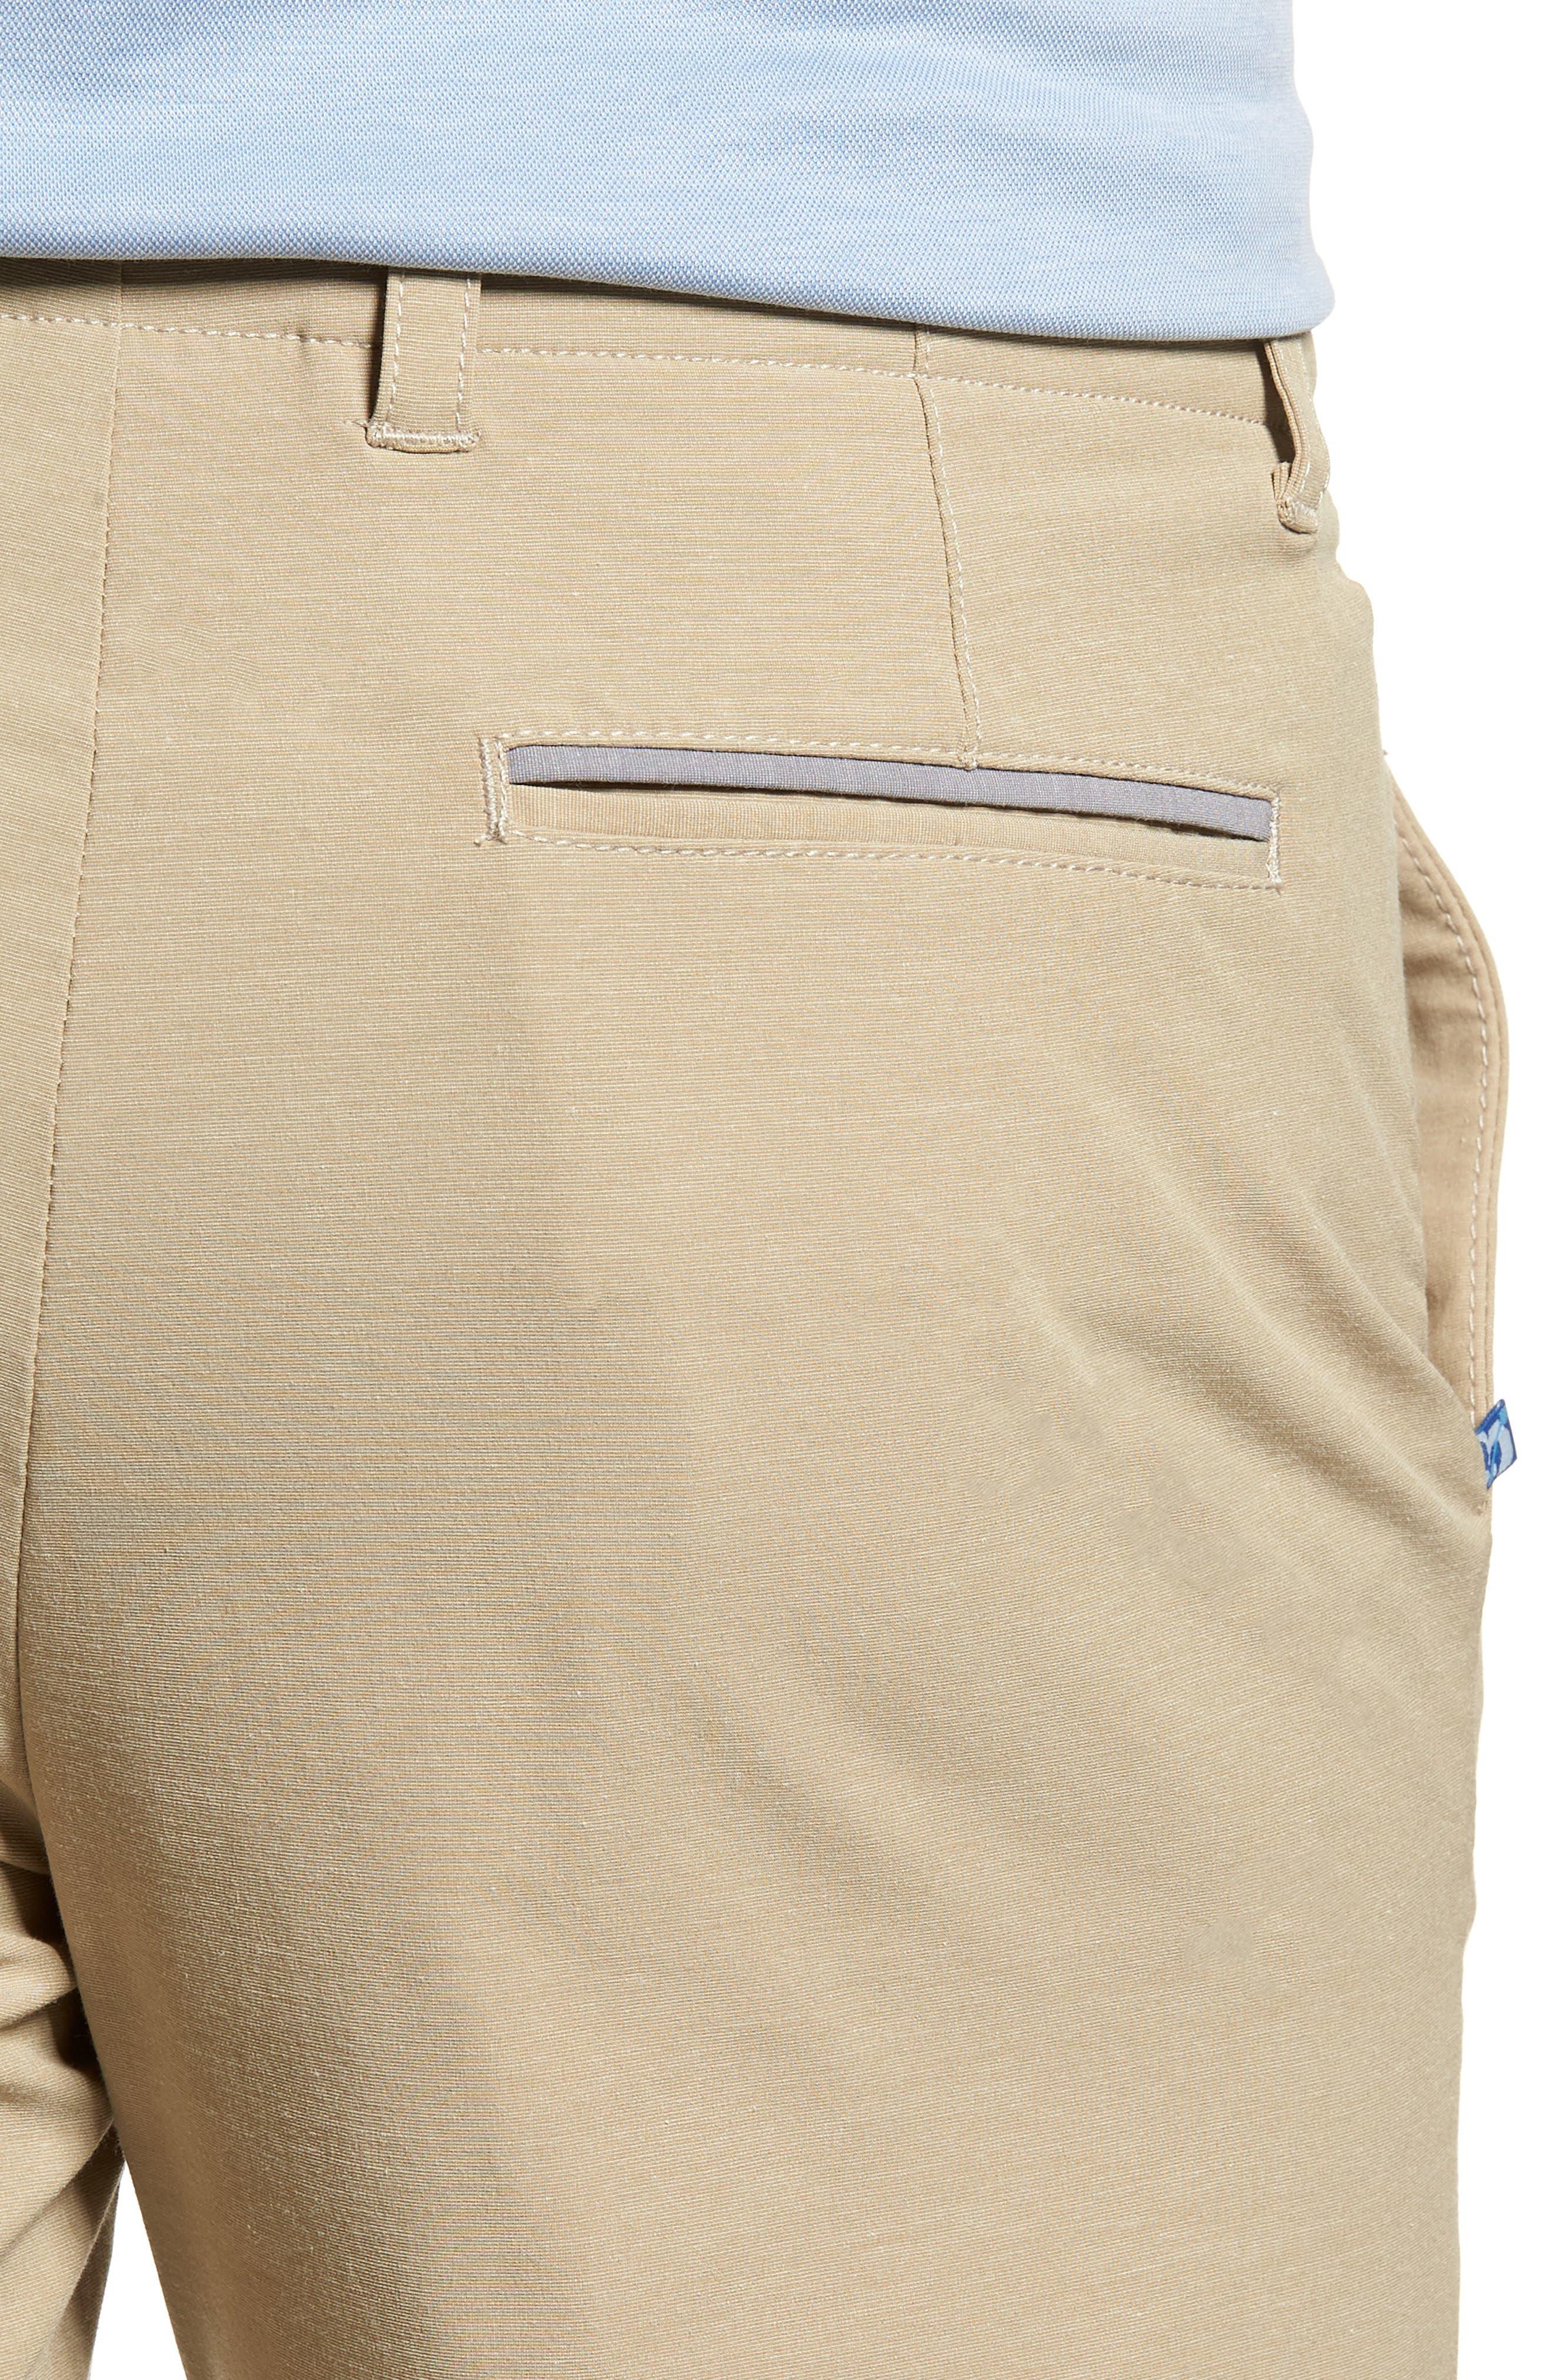 Chip & Run Shorts,                             Alternate thumbnail 4, color,                             STONE KHAKI